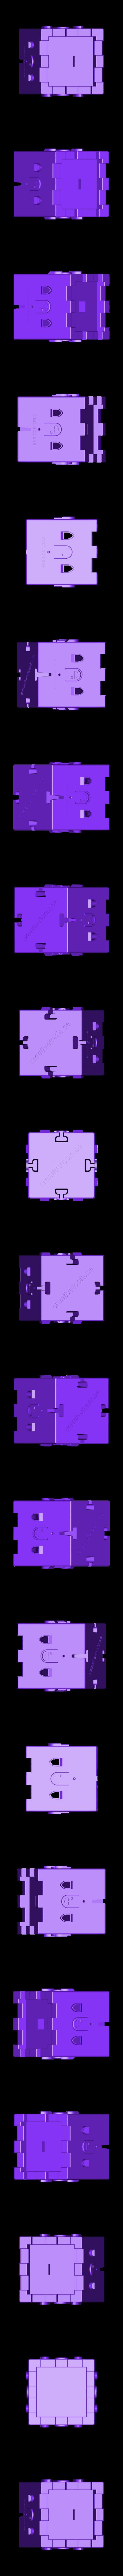 Tower_+_Hollow_(Modular Castle Playset - 3D-printable)_By_CreativeTools.se.stl Télécharger fichier STL gratuit Plateau modulaire de château (imprimable en 3D) • Modèle à imprimer en 3D, CreativeTools